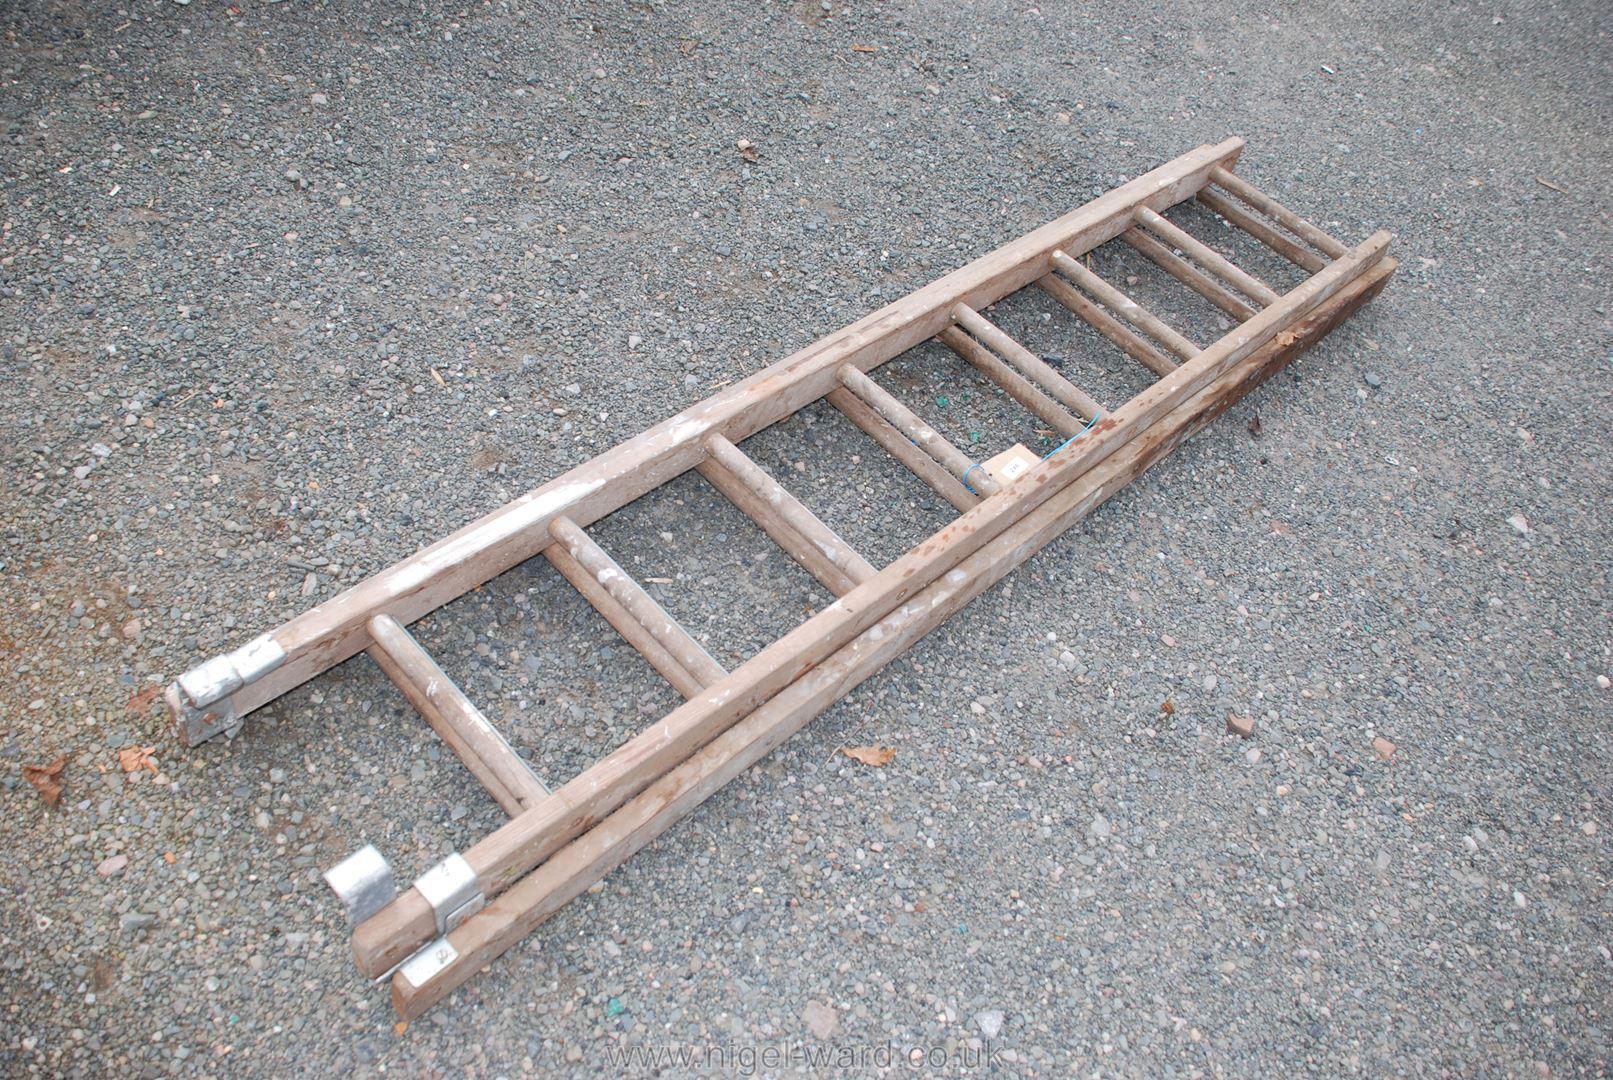 A pair of eight rung extending ladders.